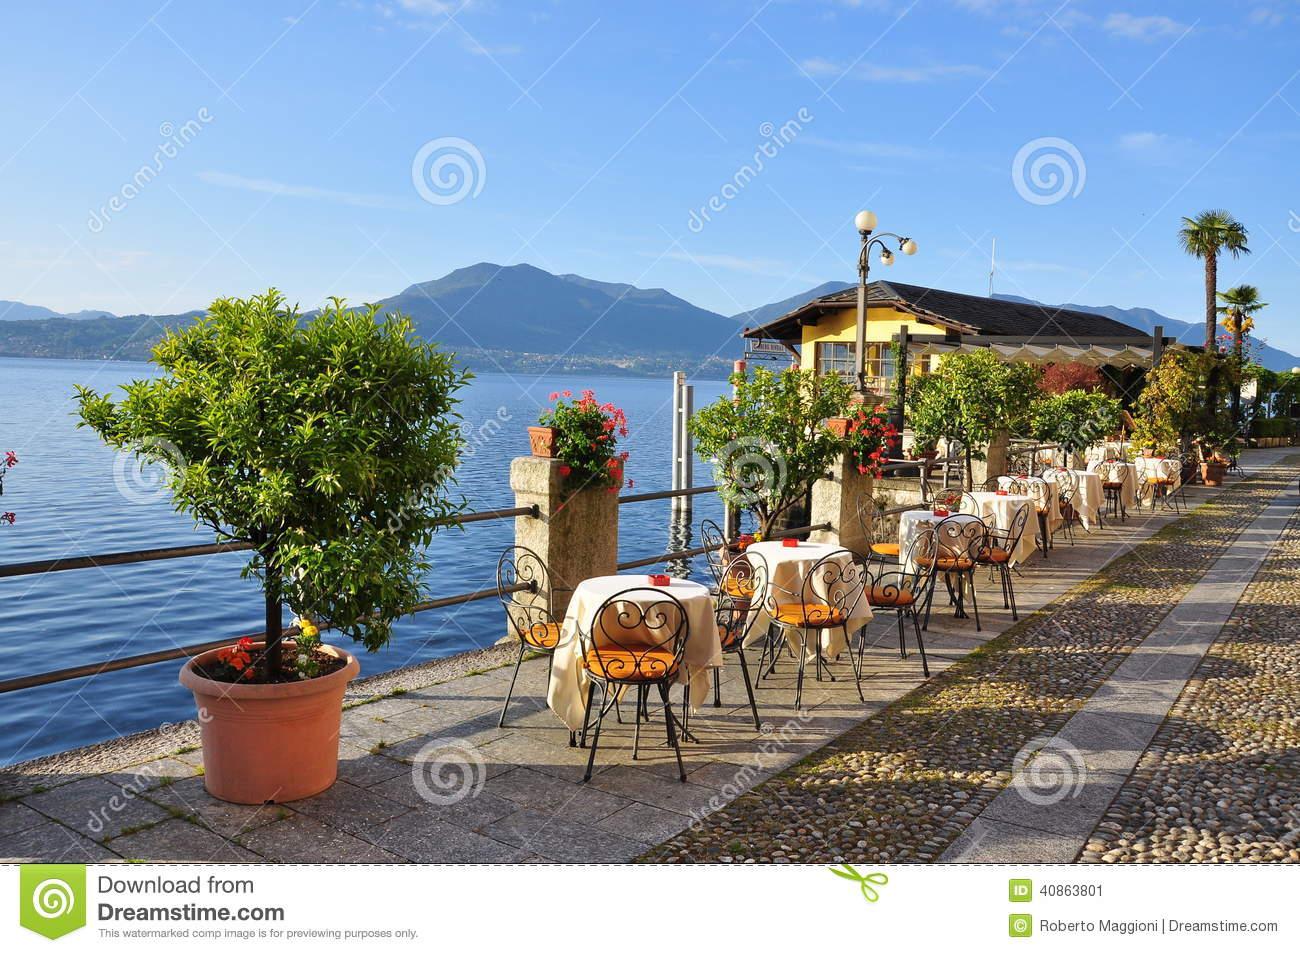 Italian Lakefront Promenade Cafe, Lago Maggiore Stock Photo.